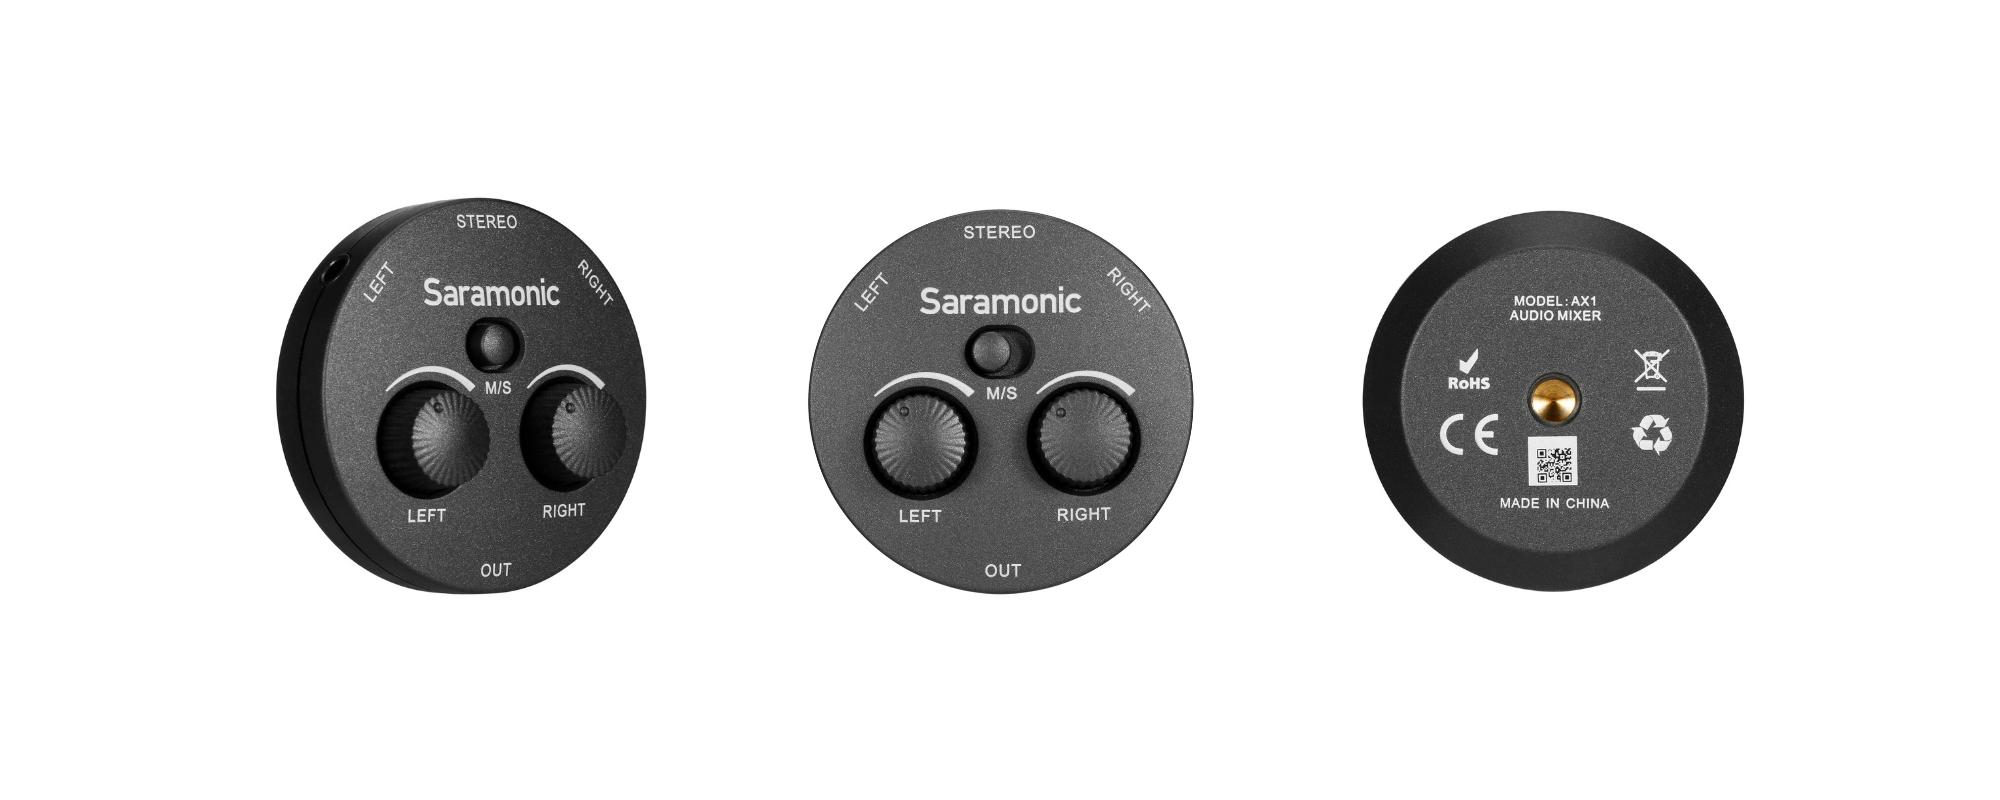 Zestaw bezprzewodowy Saramonic Blink500 Pro B1 (RX + TX)